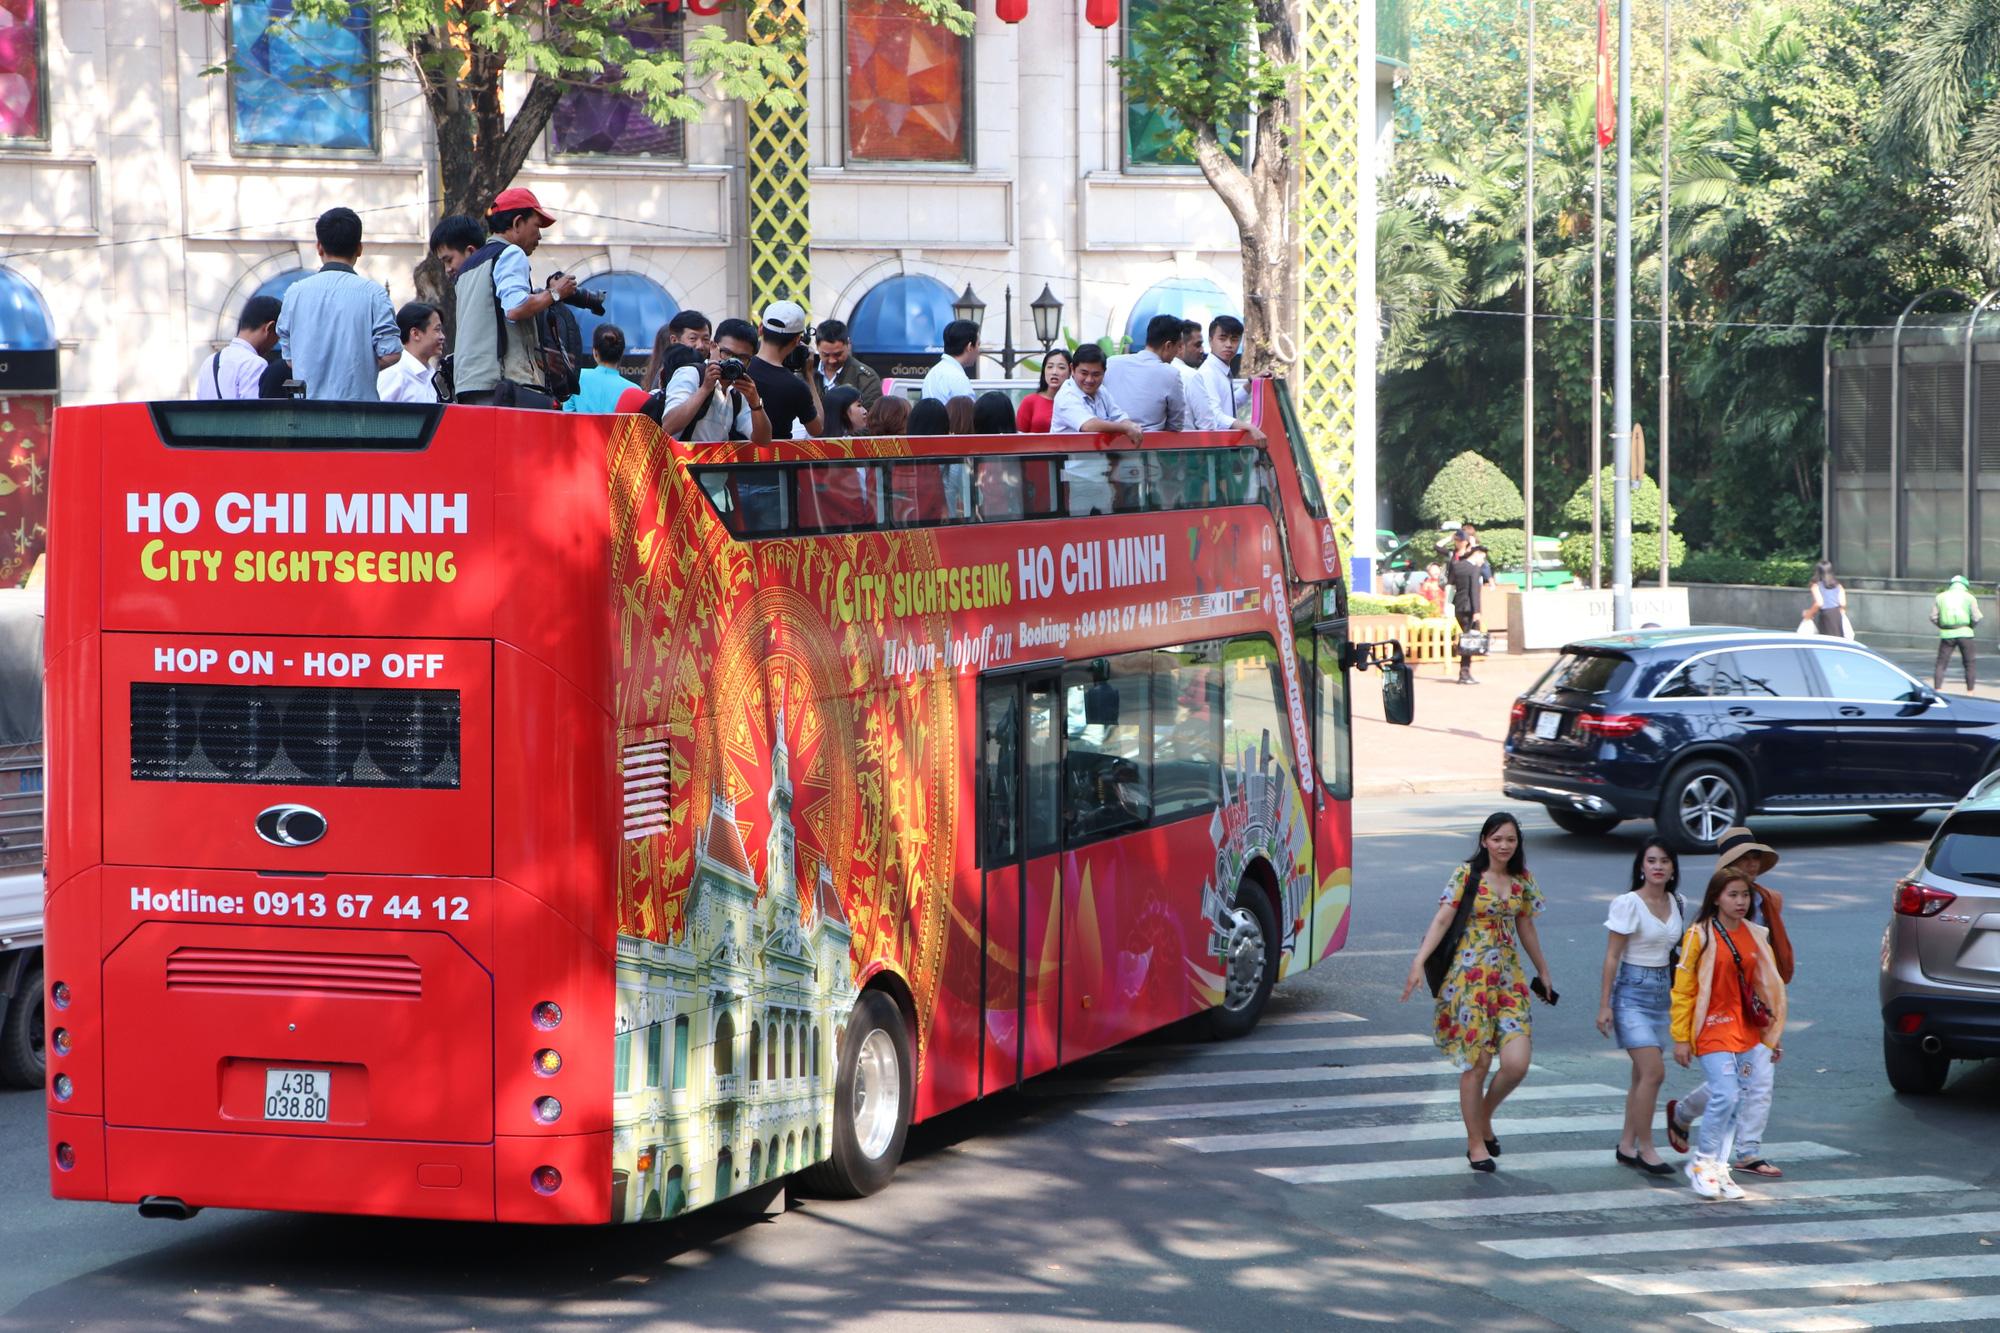 Người dân TP HCM háo hức trải nghiệm xe buýt hai tầng mui trần lần đầu tiên được đưa vào khai thác - Ảnh 2.